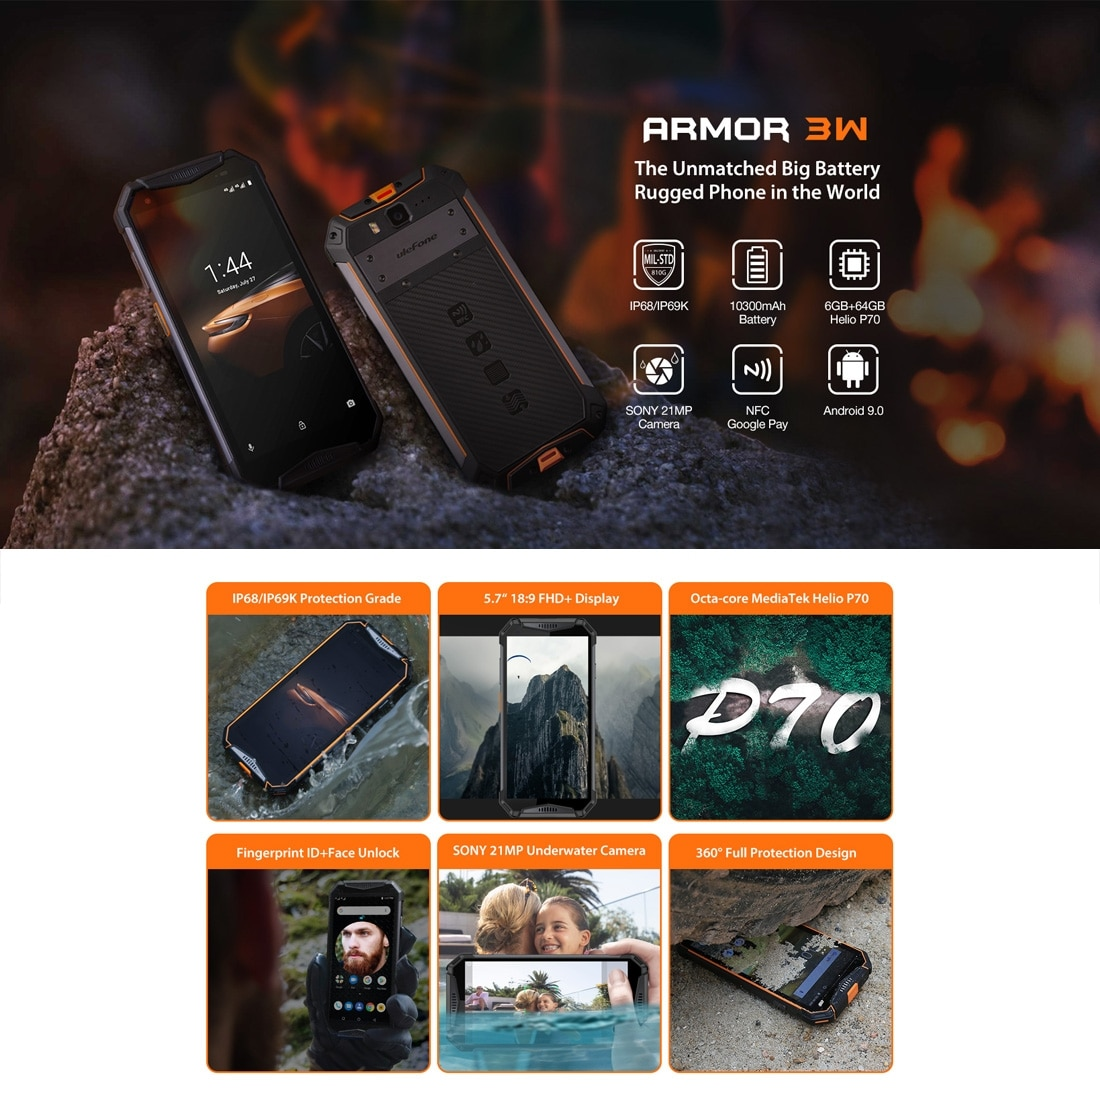 Ulefone Armor 3W Rugged Phone Dual 4G 6GB+64GB (Black) - 3